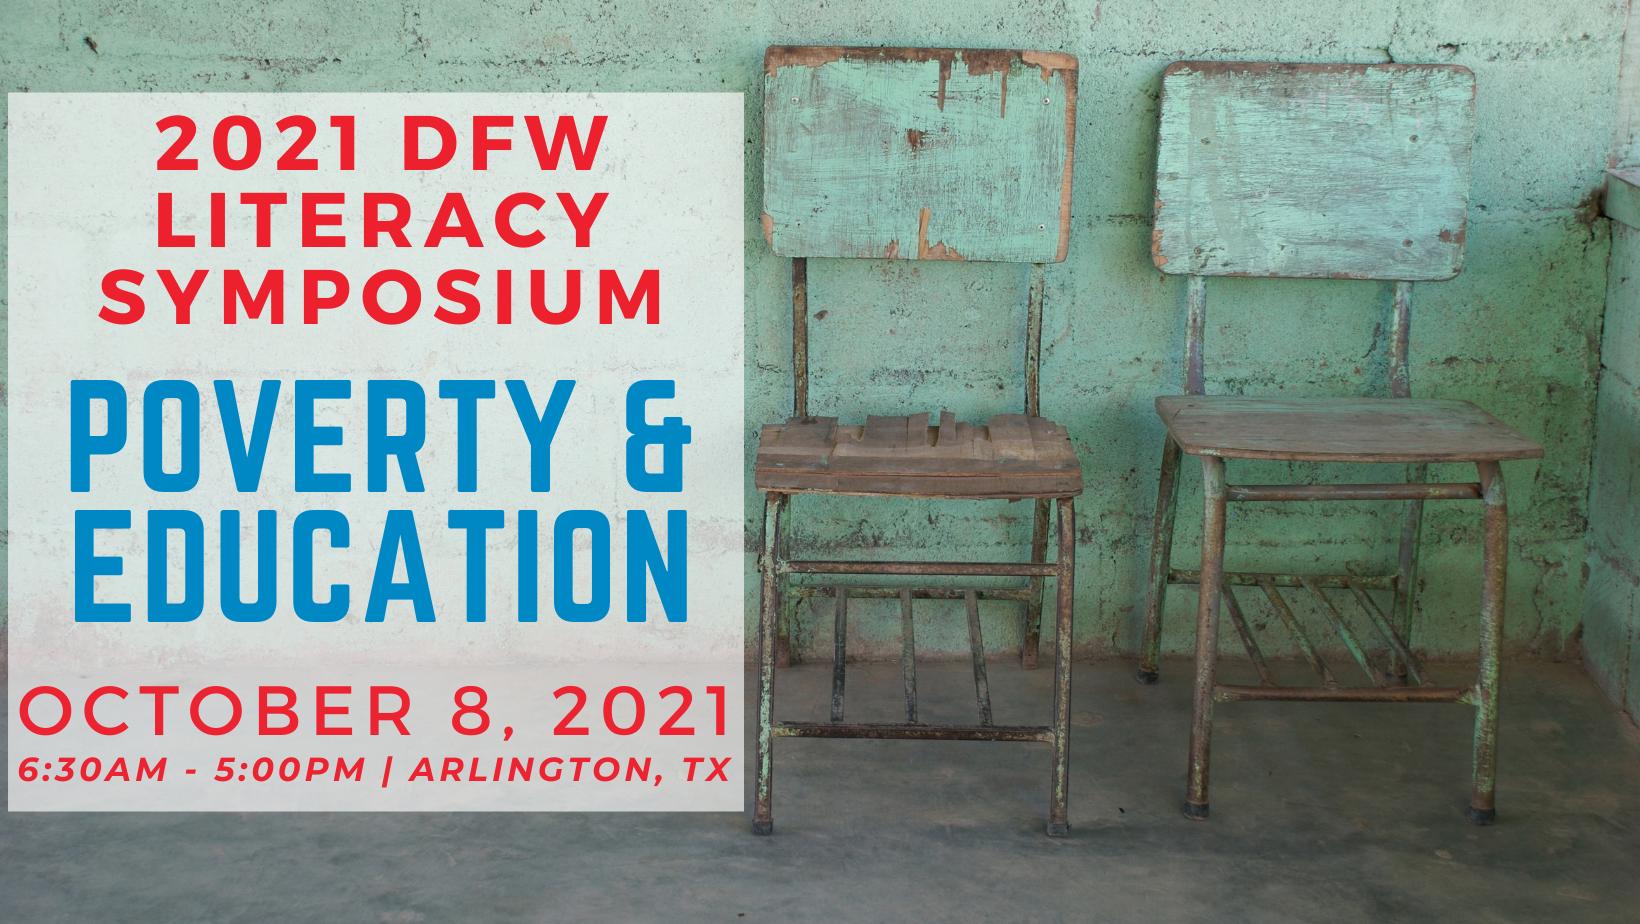 2021 DFW Literacy Symposium